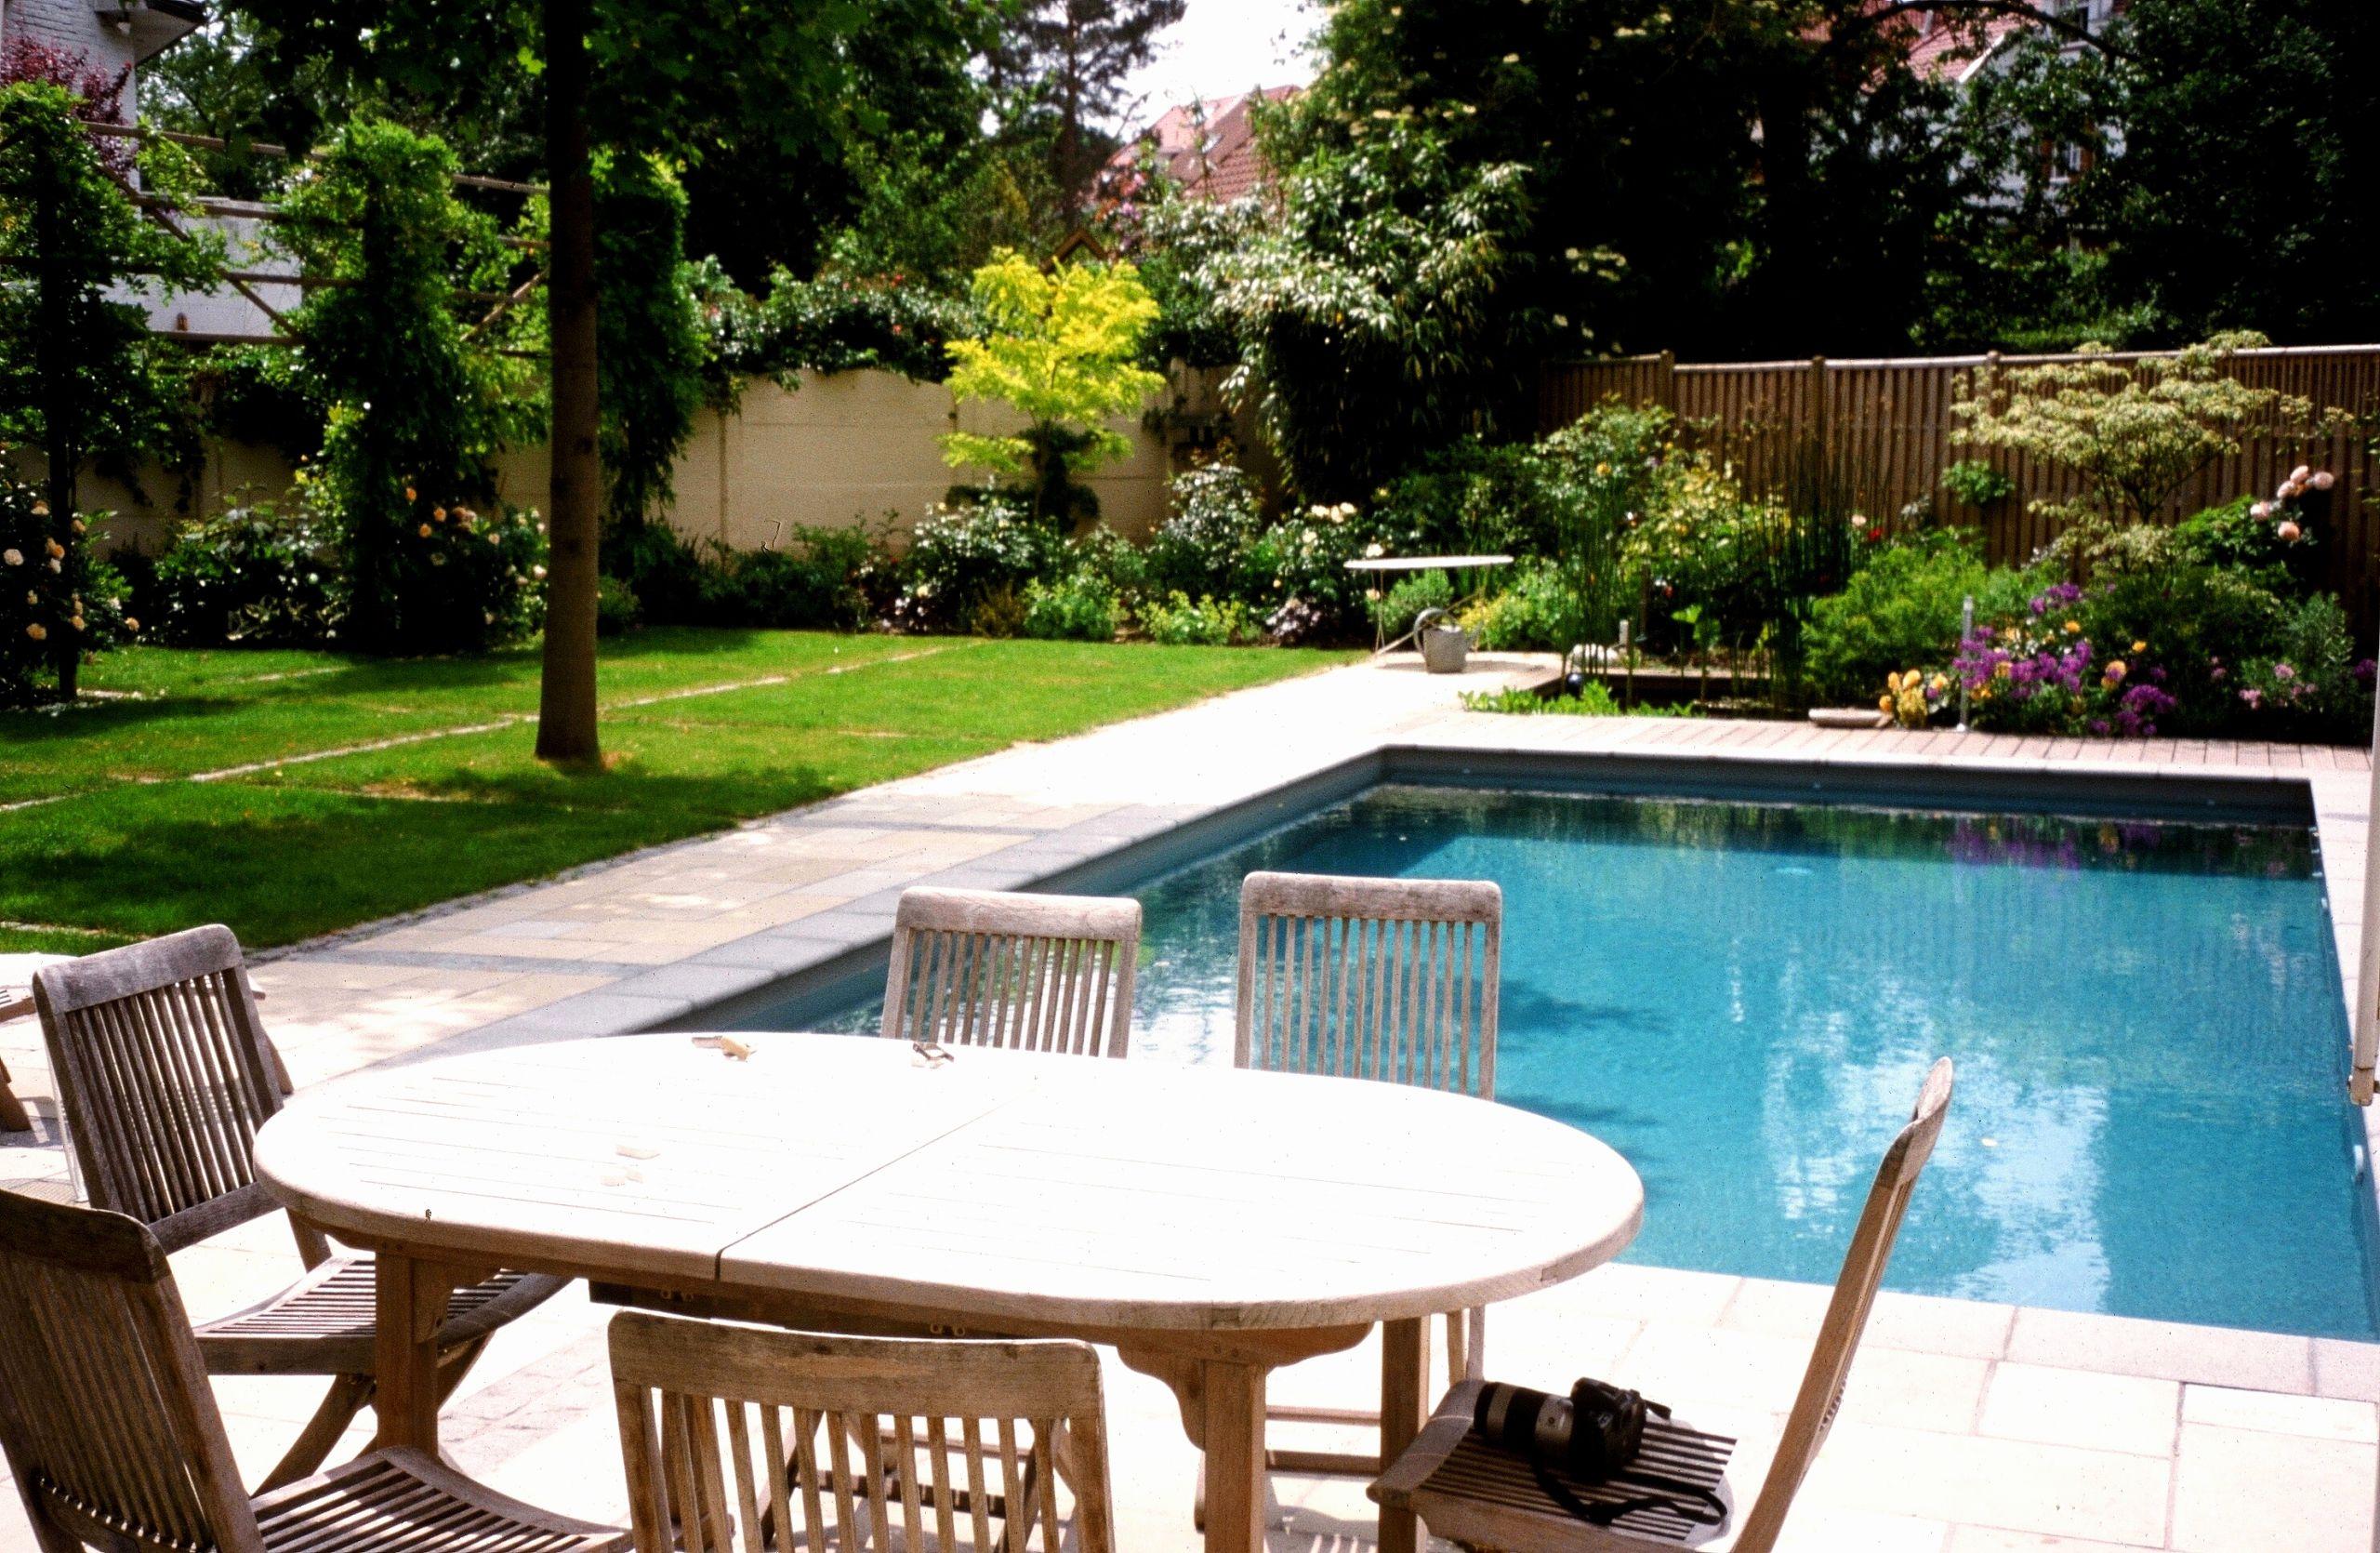 fabriquer un salon de jardin en bois beau meuble jardin luxe mobilier jardin bois unique table jardin teck of fabriquer un salon de jardin en bois